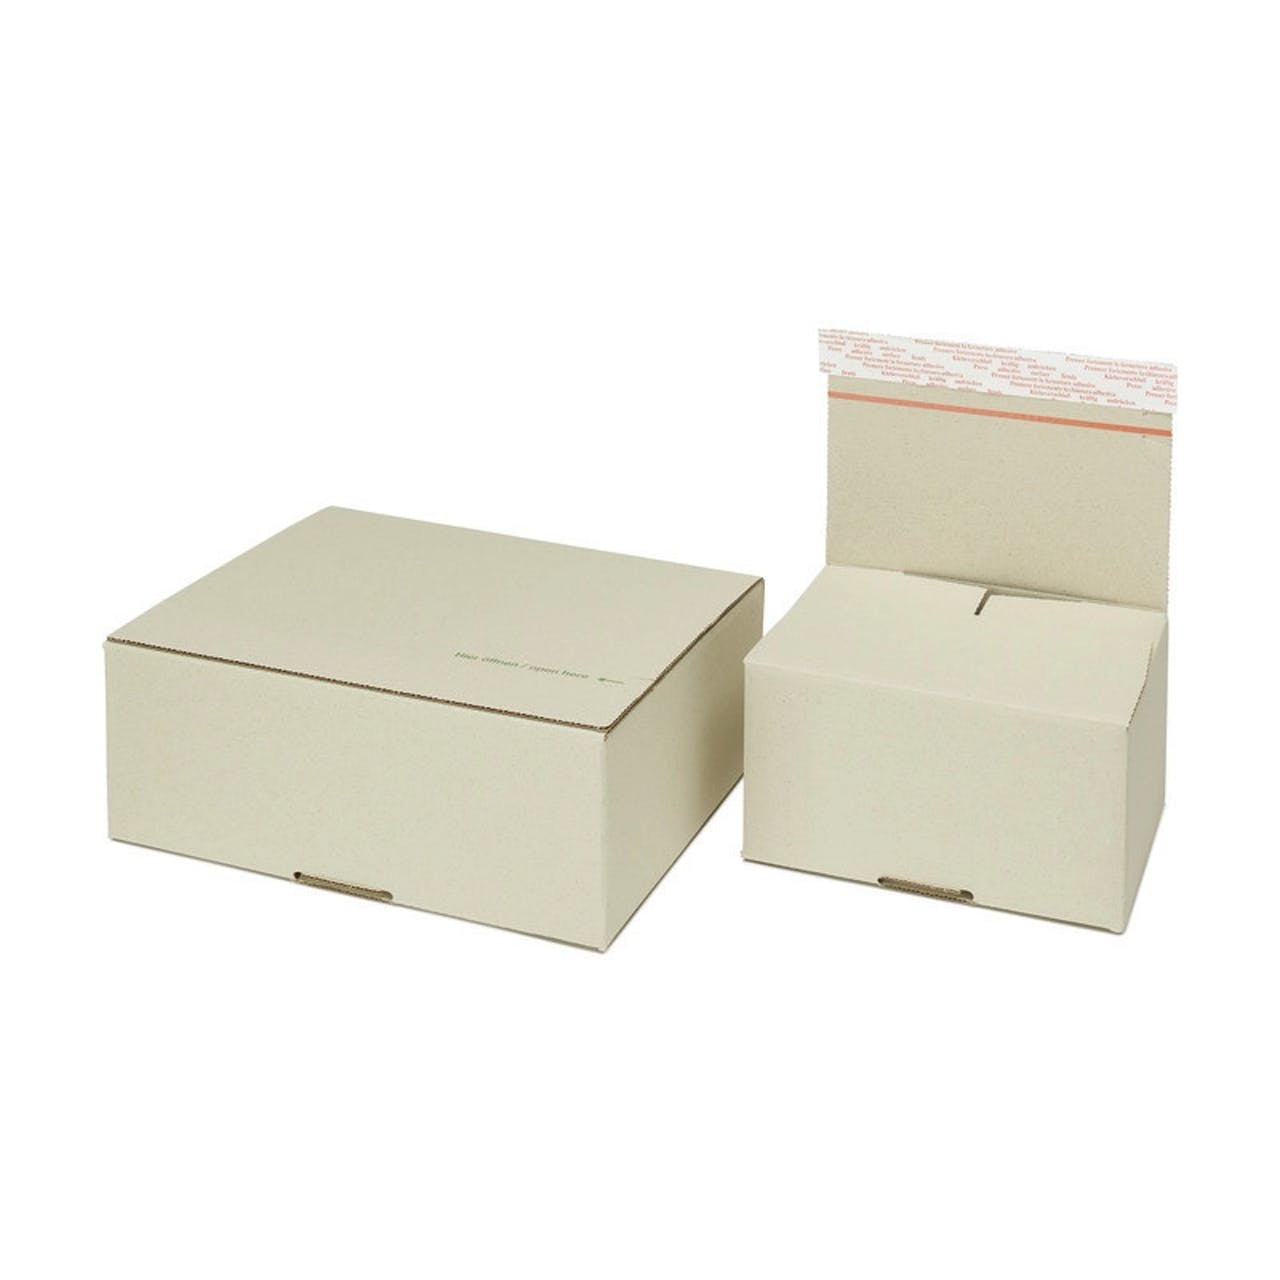 Carton Speedbox en papier à base d'herbe terra, Var: spxg1